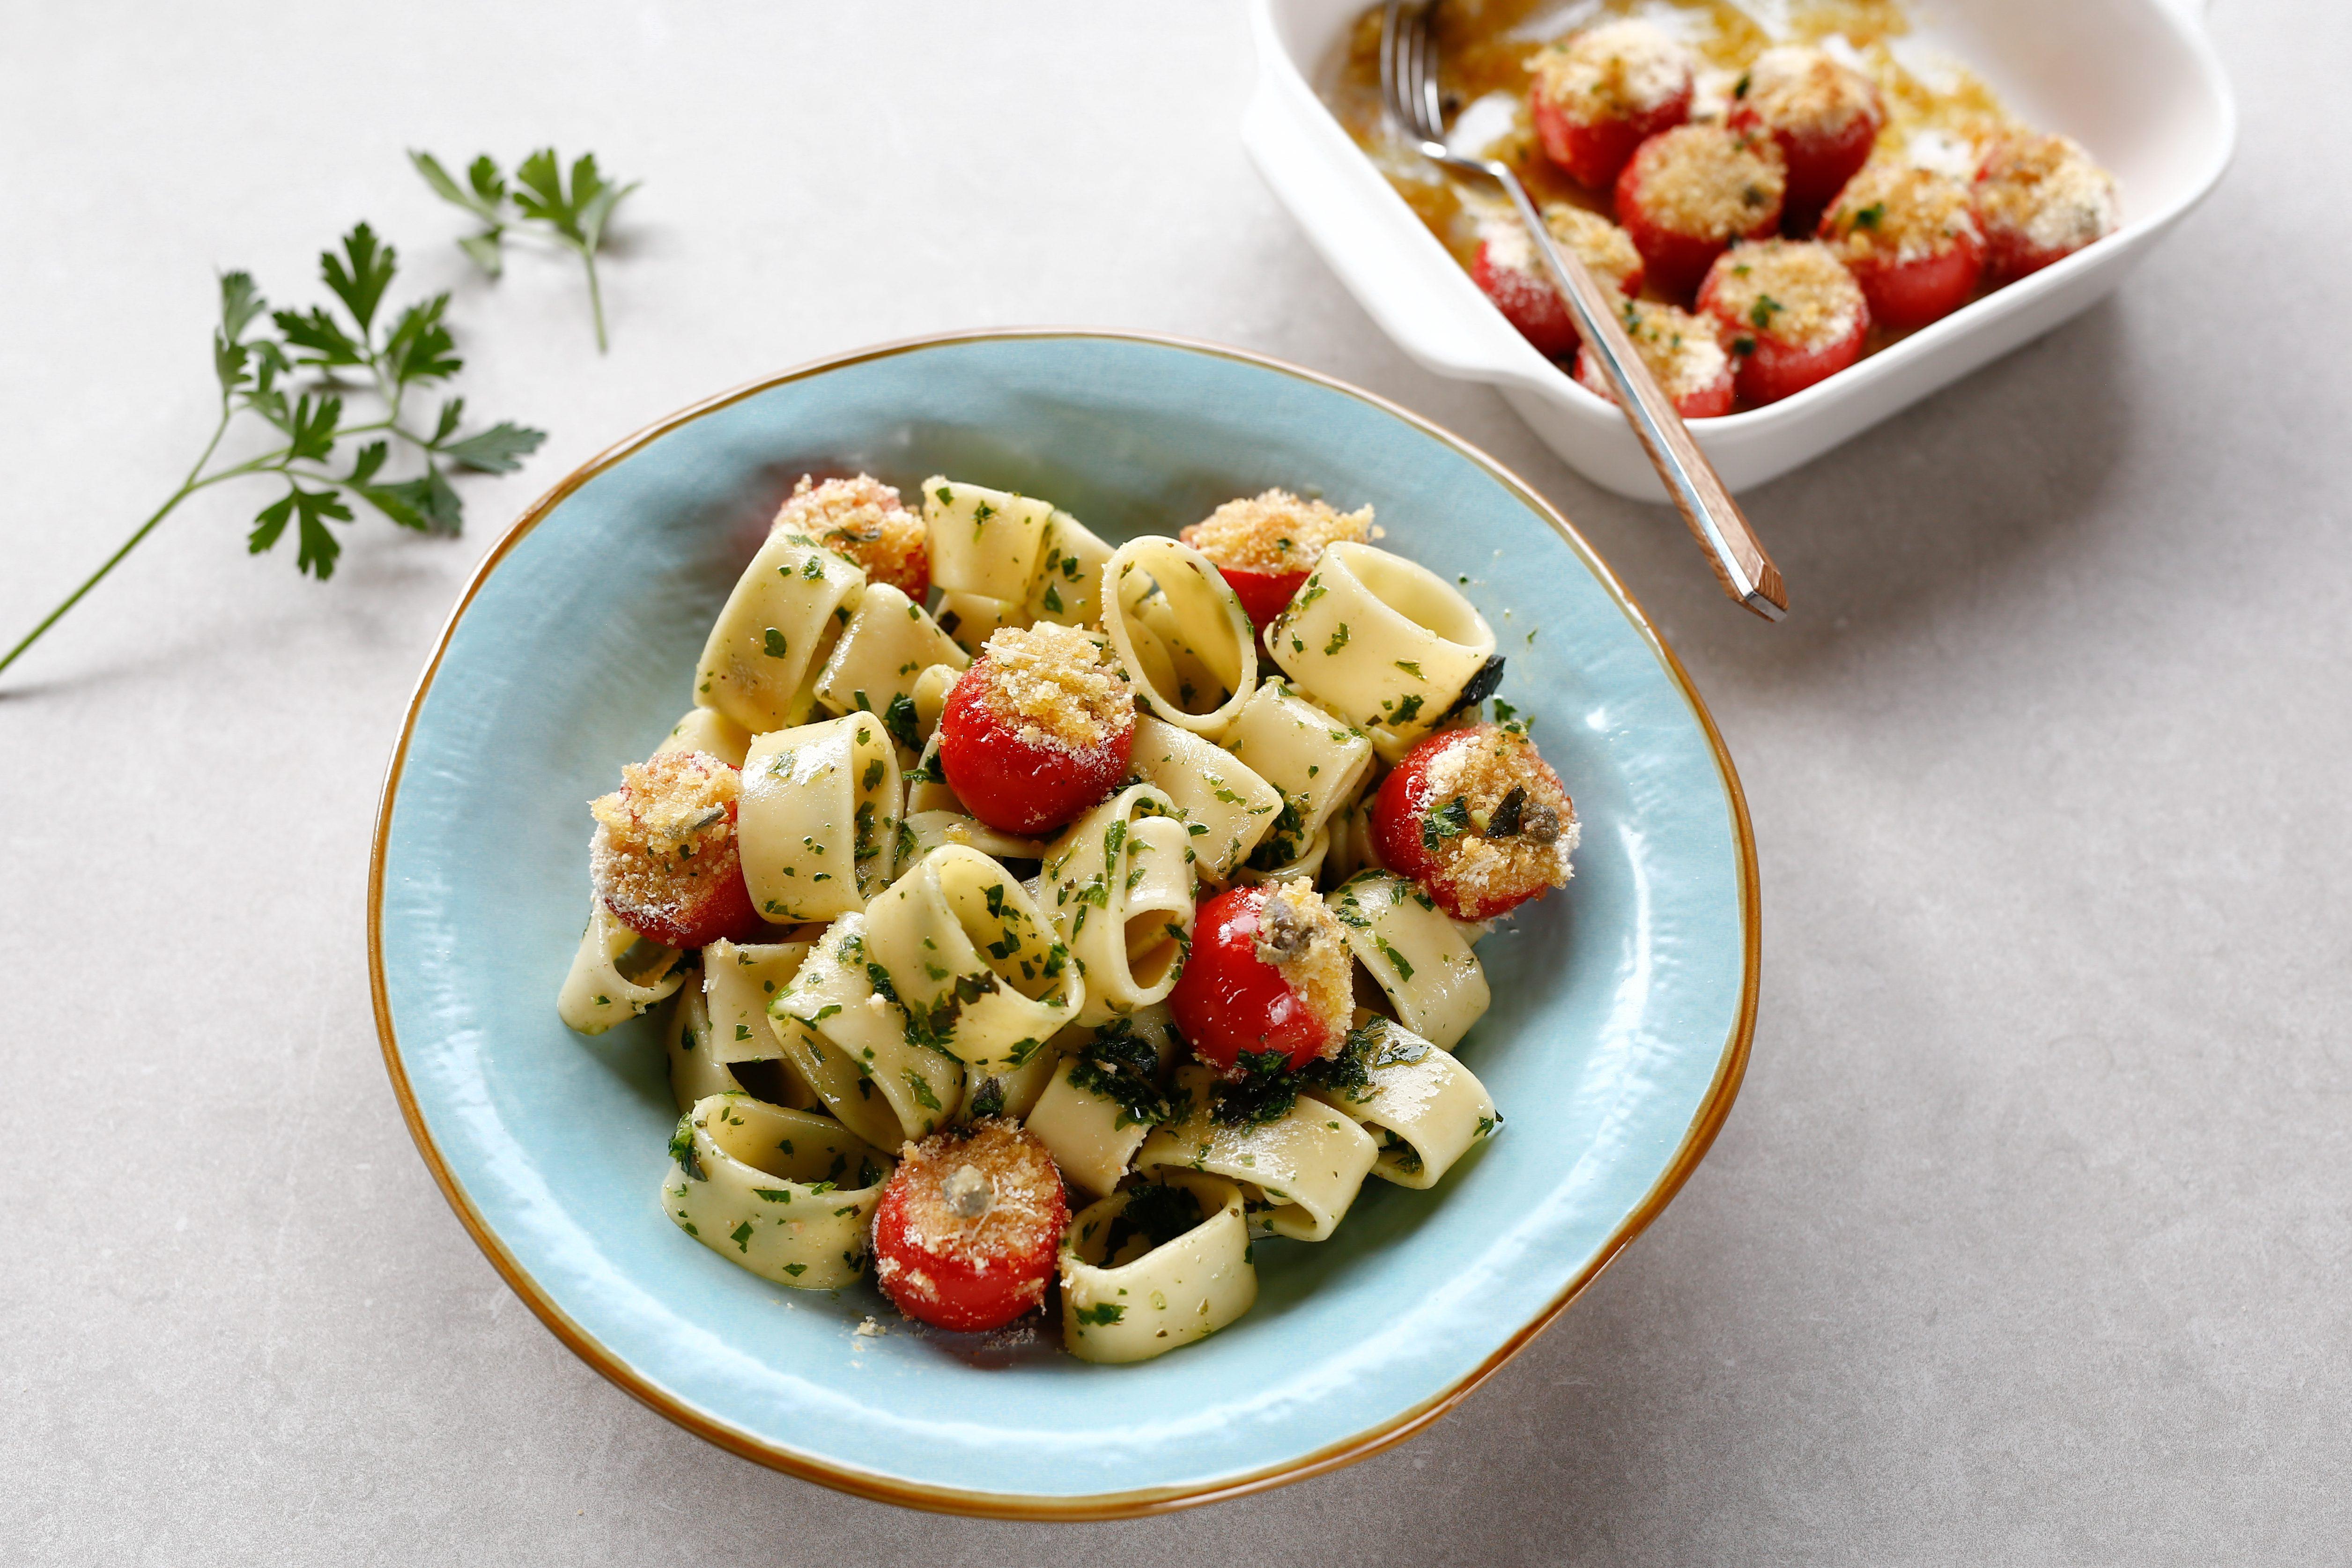 Pasta con pomodorini gratinati: la ricetta del primo gustoso e fragrante